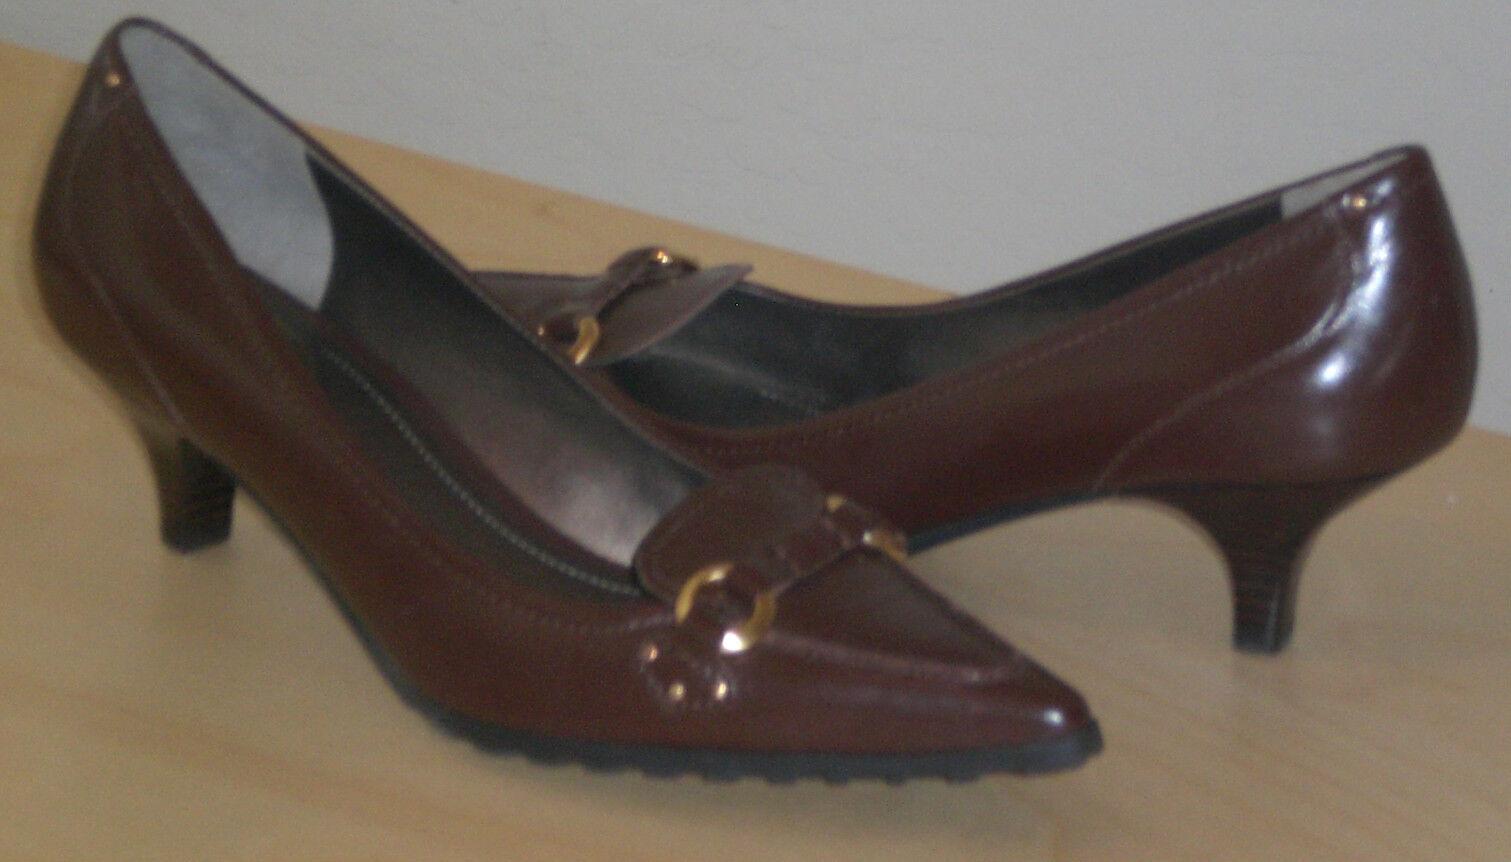 Easy Spirit impactt Cuero Bombas botas marrón 8 Med Med Med Nuevo  Envío y cambio gratis.